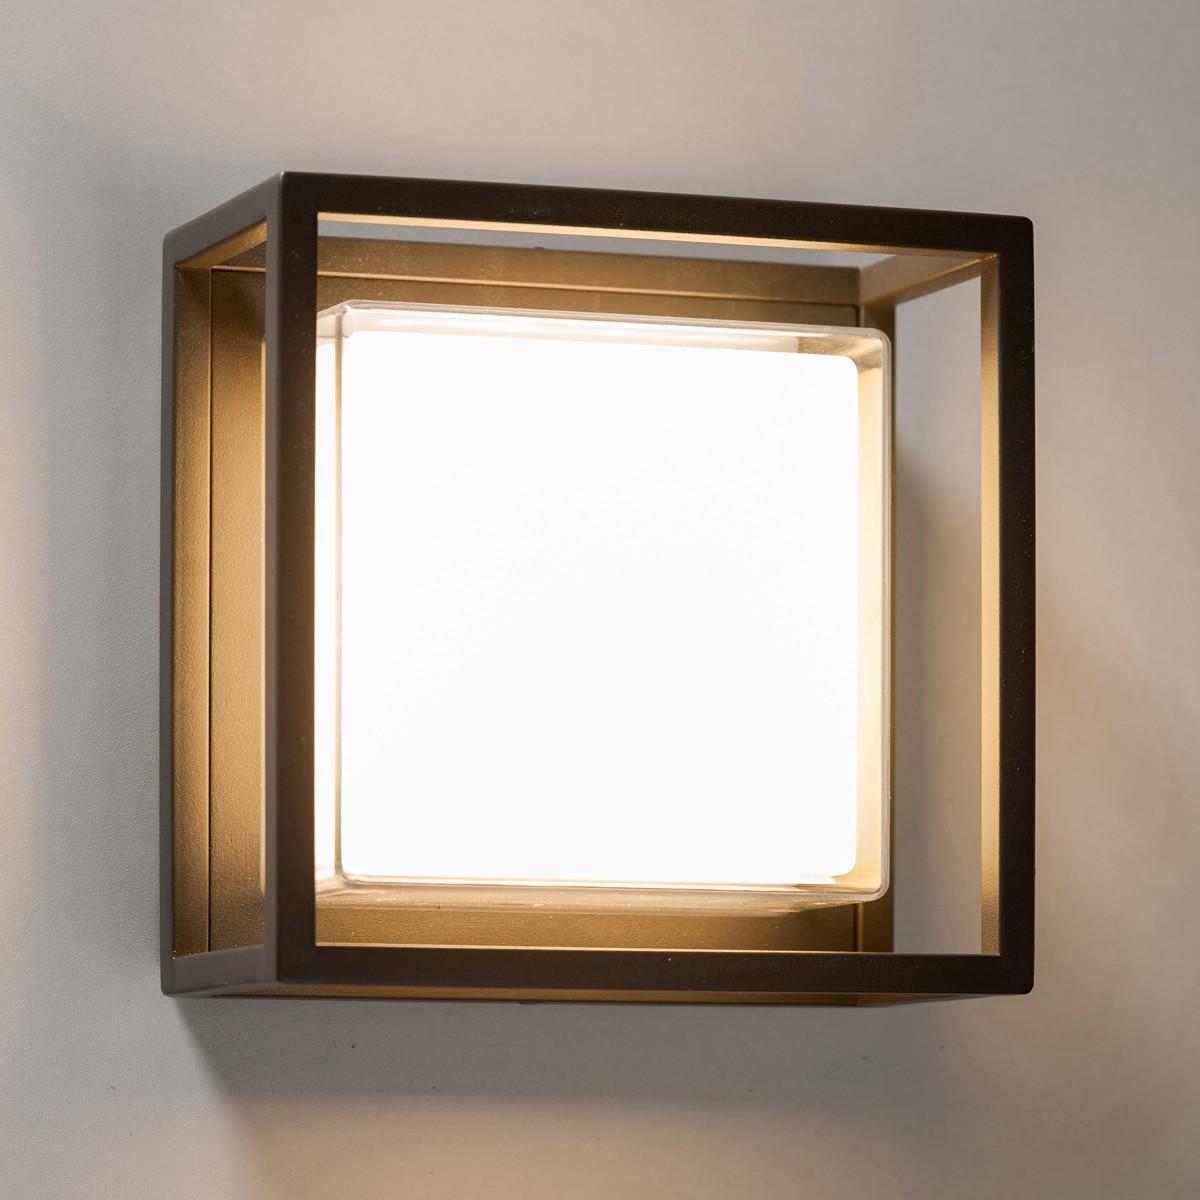 Lupia Licht Quadro W Außenwandleuchte, 20 x 20 cm, anthrazit